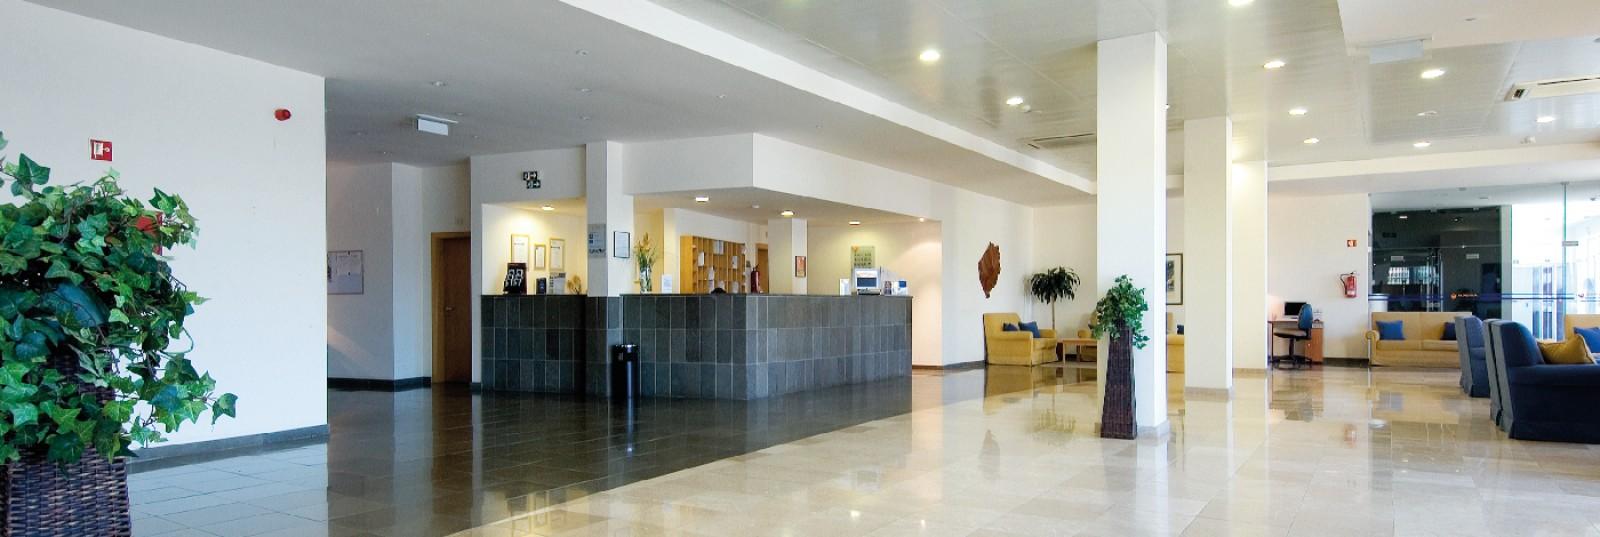 Hotel Eurosol Alcanena - Recepción